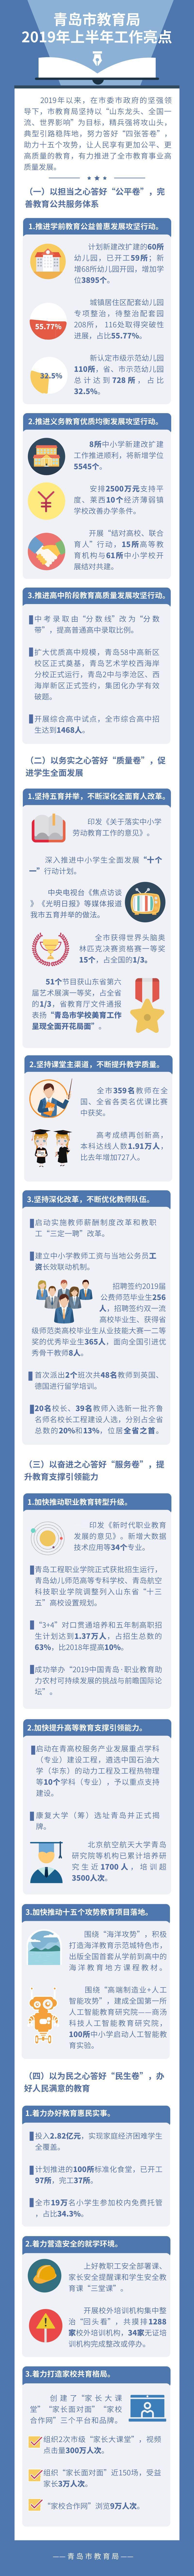 青岛上半年计划新改建60所幼儿园、8所中小学